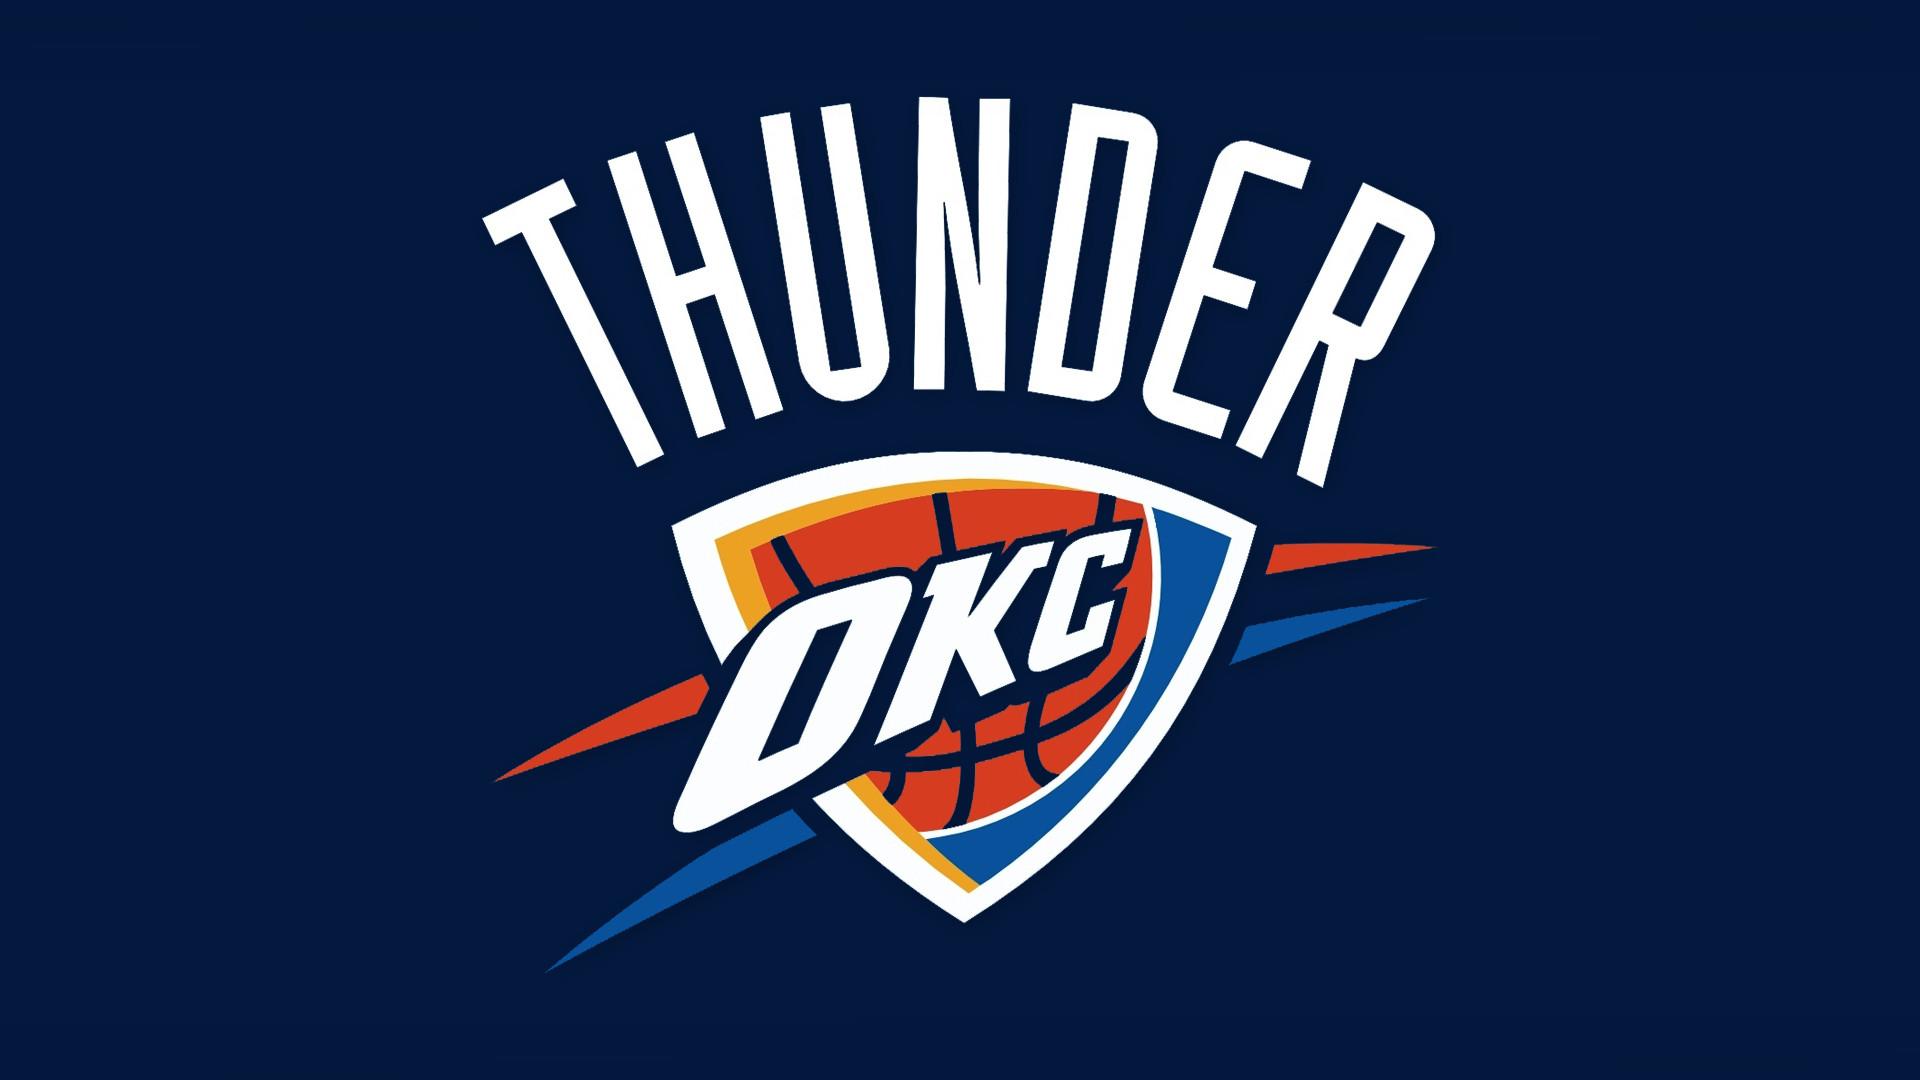 Oklahoma City Thunder Wallpapers Basketball Wallpapers at